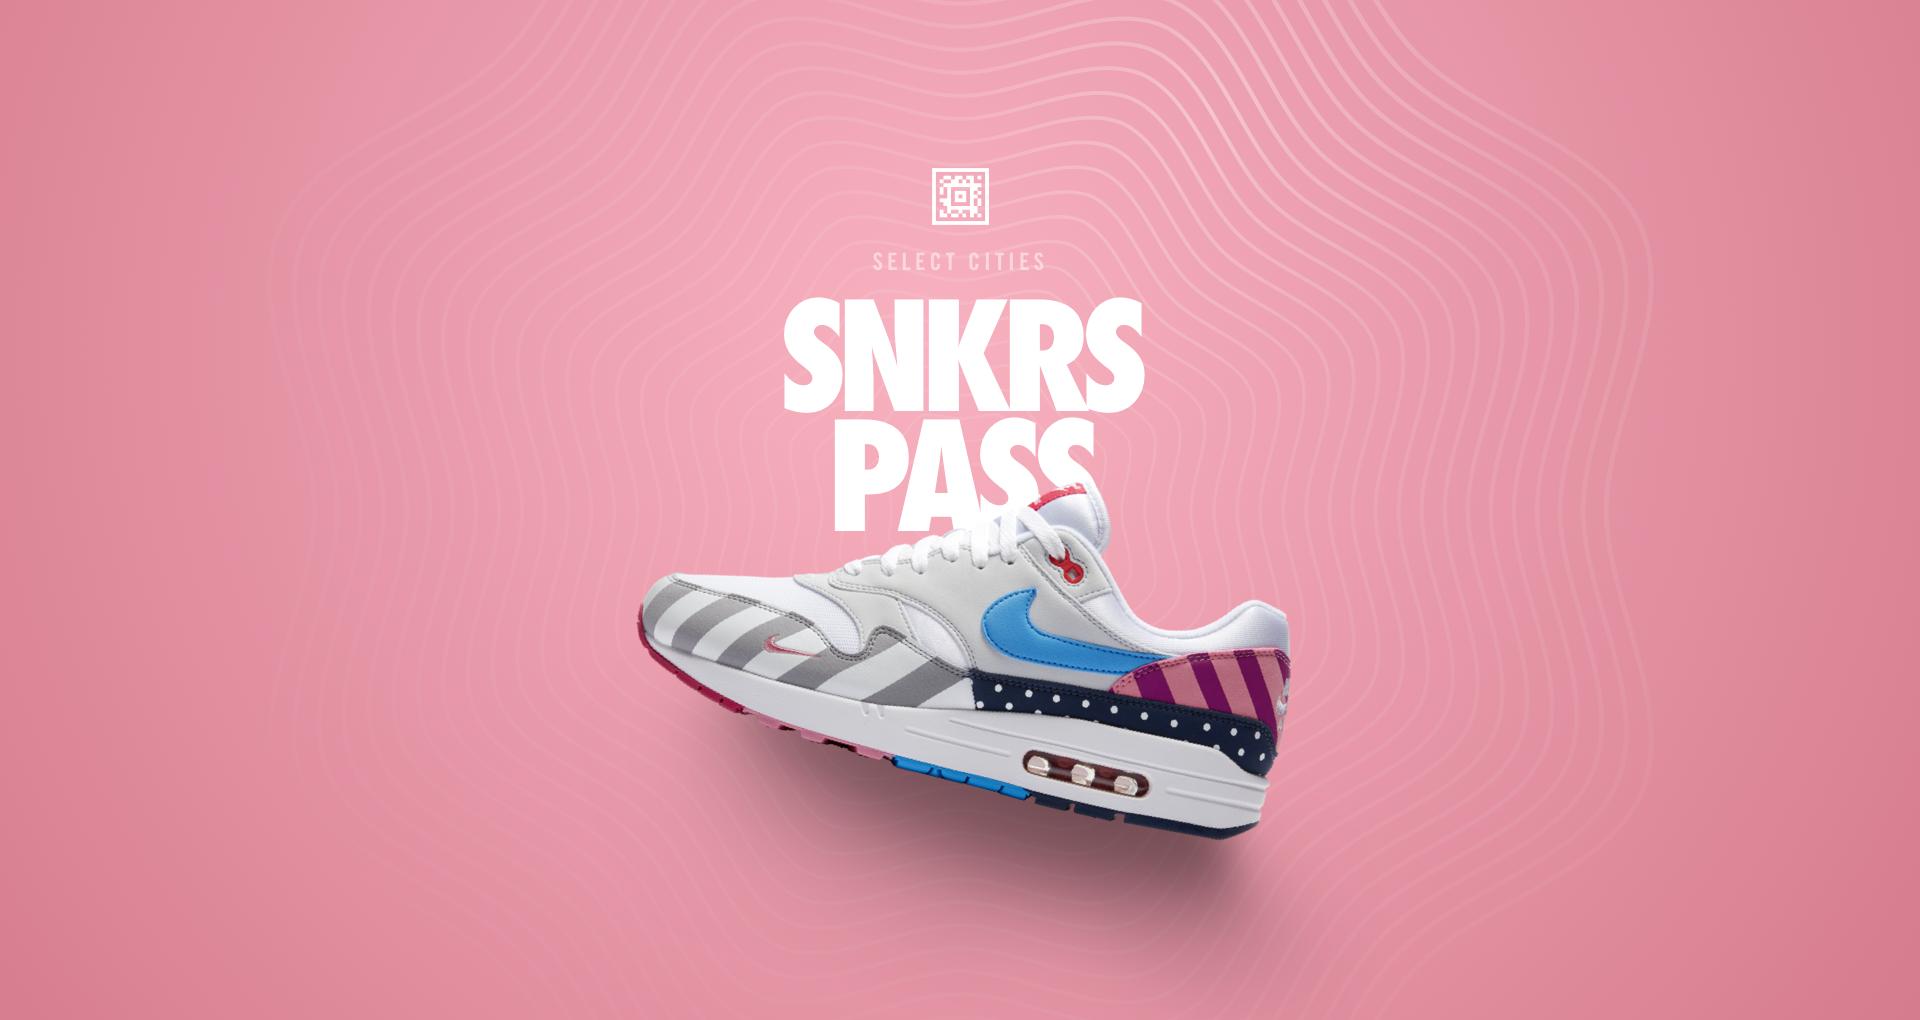 Nike Air Max 1 'Parra' SNKRS Pass Select Cities  Nike+ SNKRS